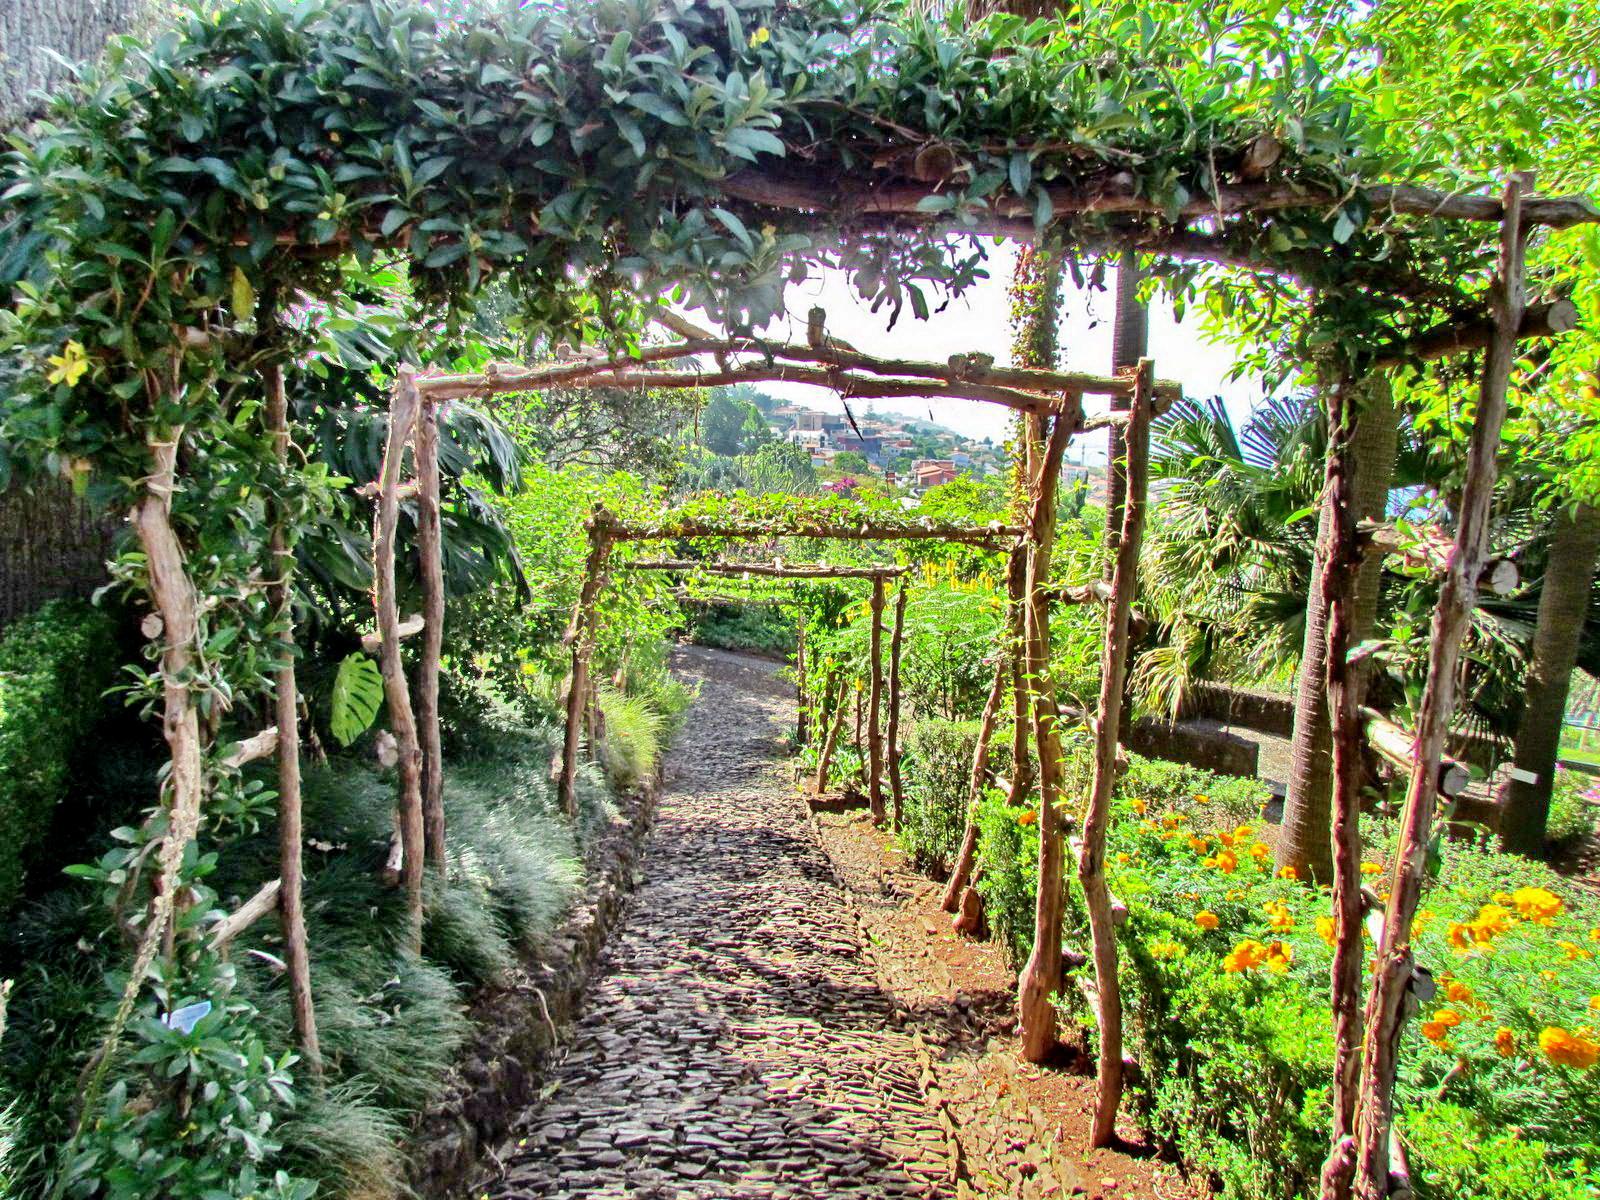 a view in Botanic Garden